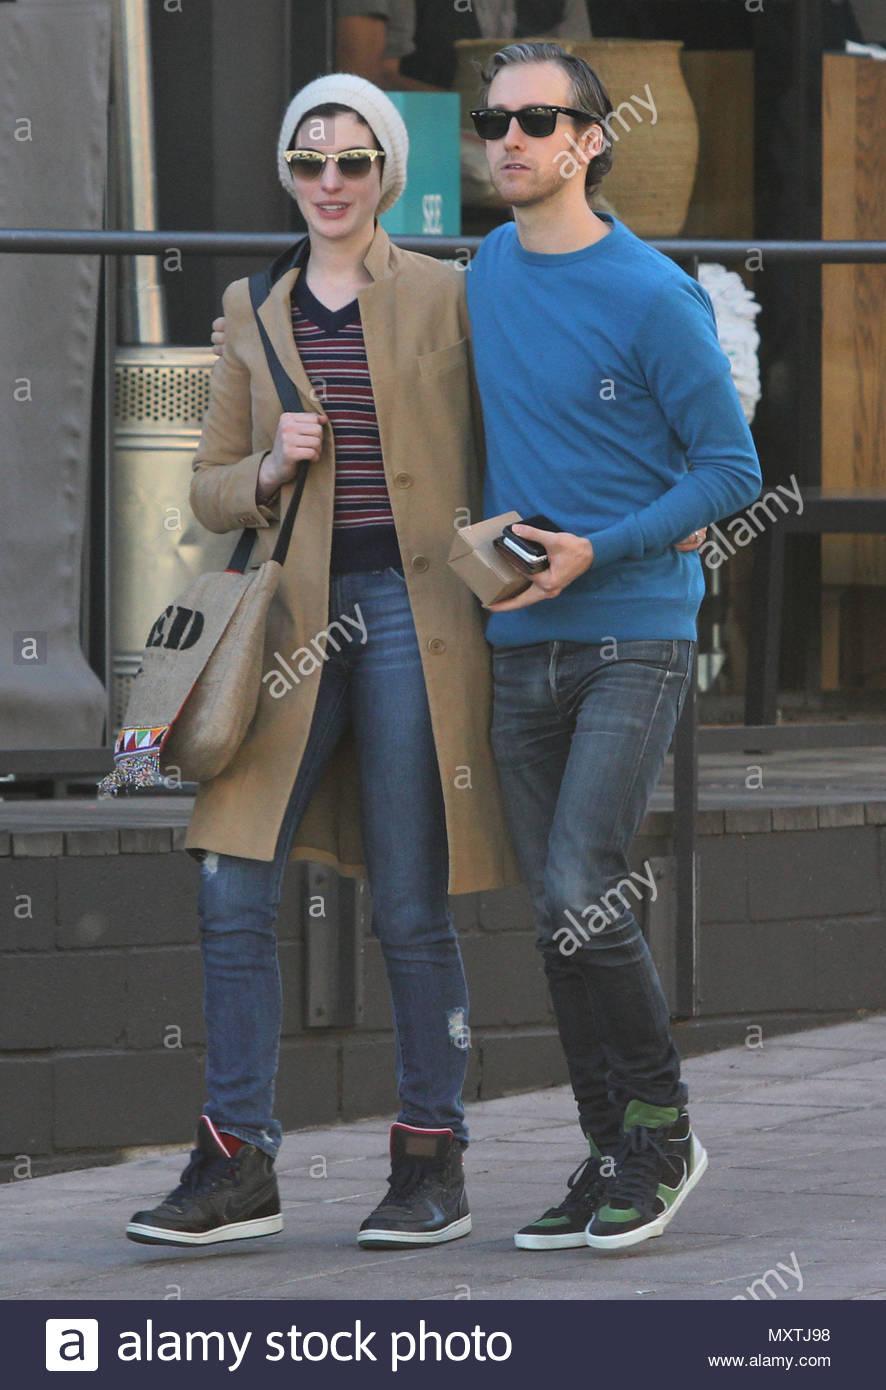 Jared and adam